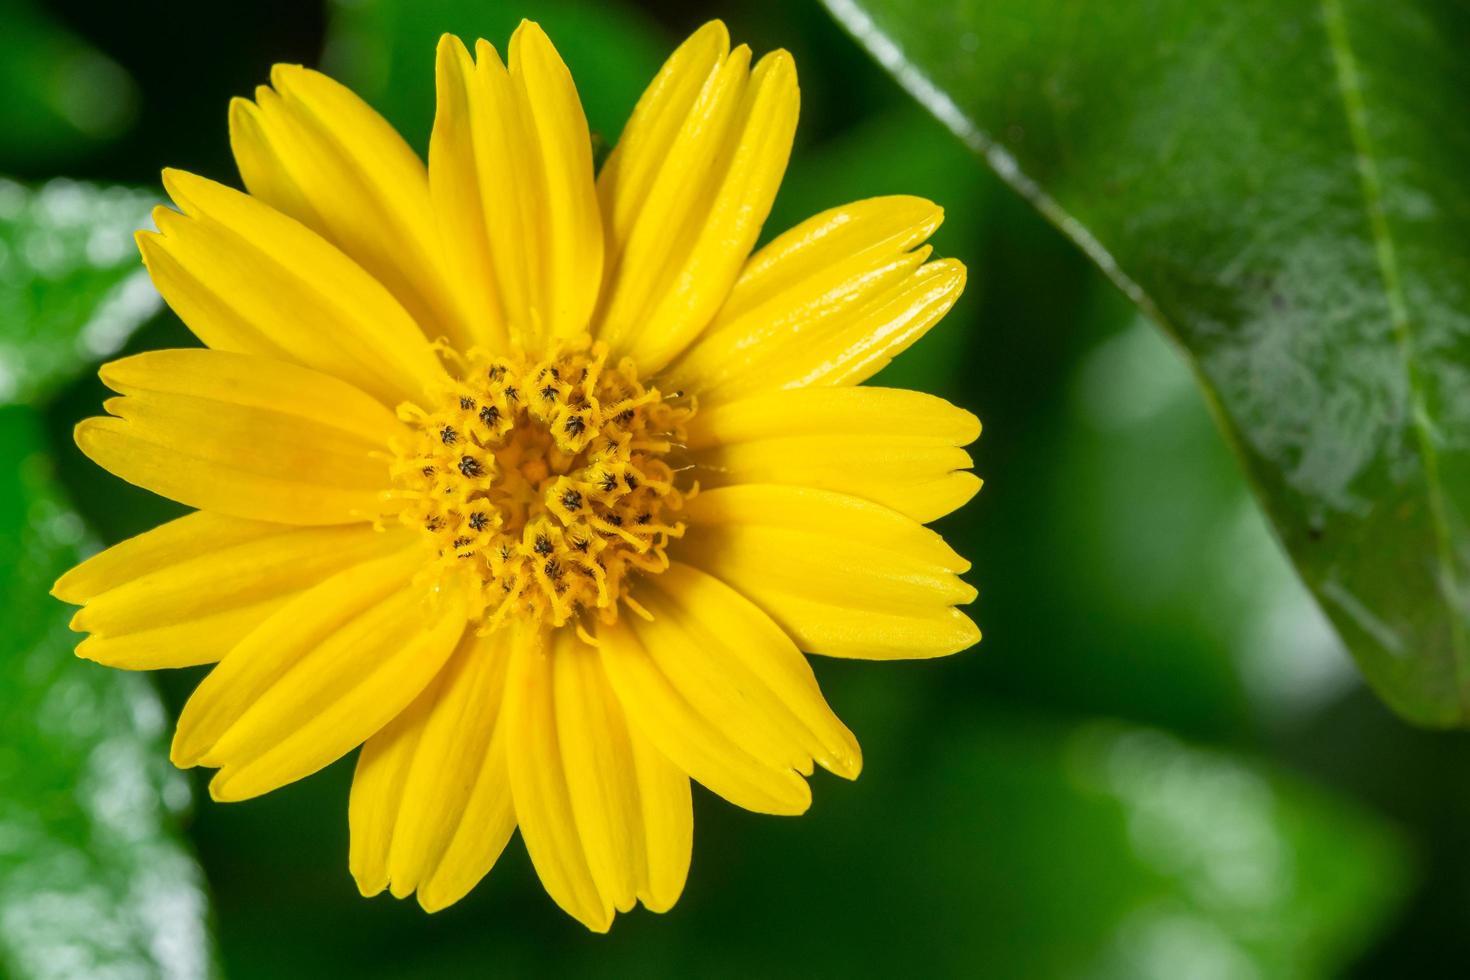 gelbe Blume aus Laub isoliert foto